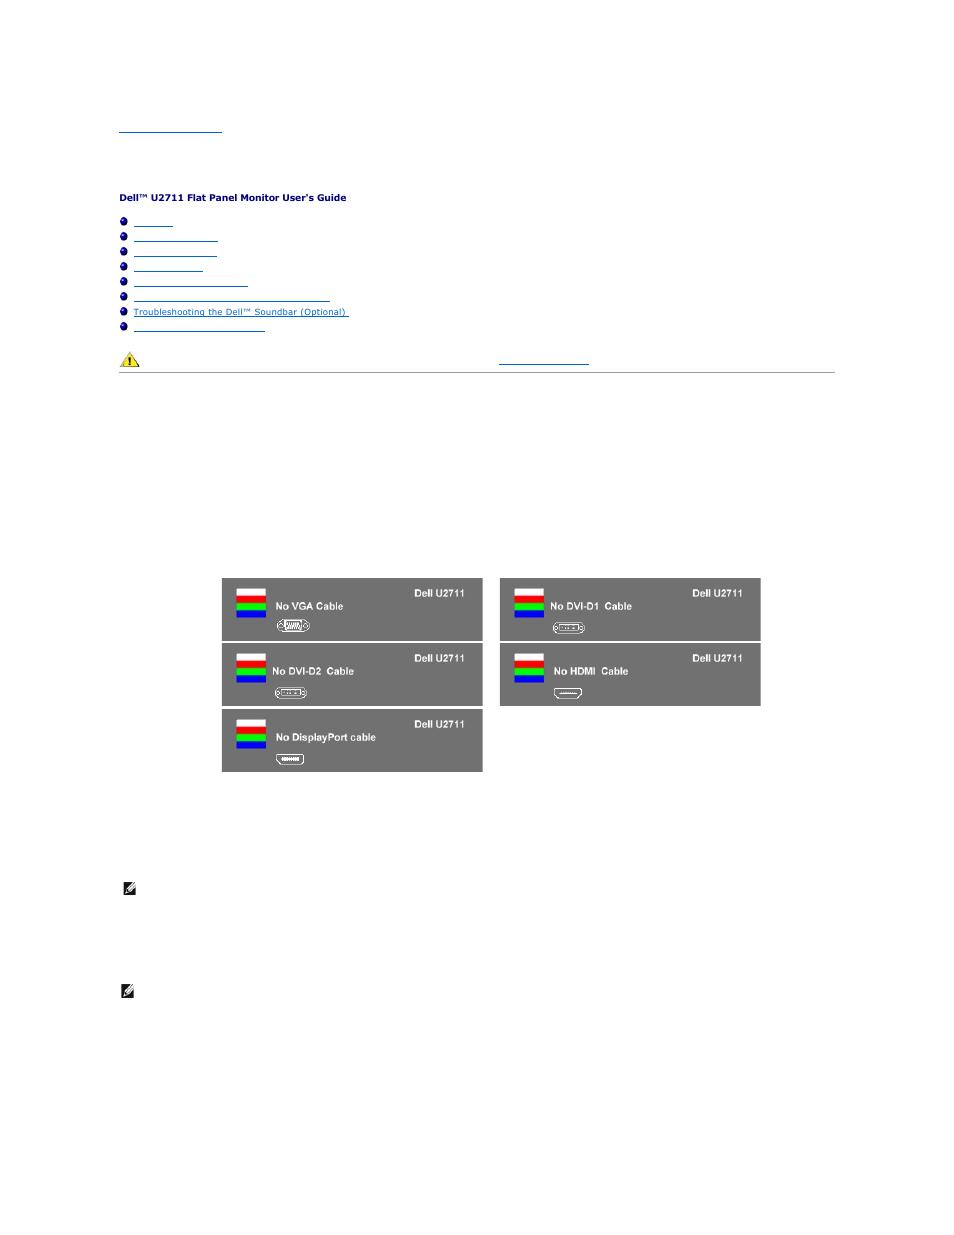 solving problems self test built in diagnostics dell u2711 rh manualsdir com Dell U2711 Firmware Dell U2711 Manual PDF